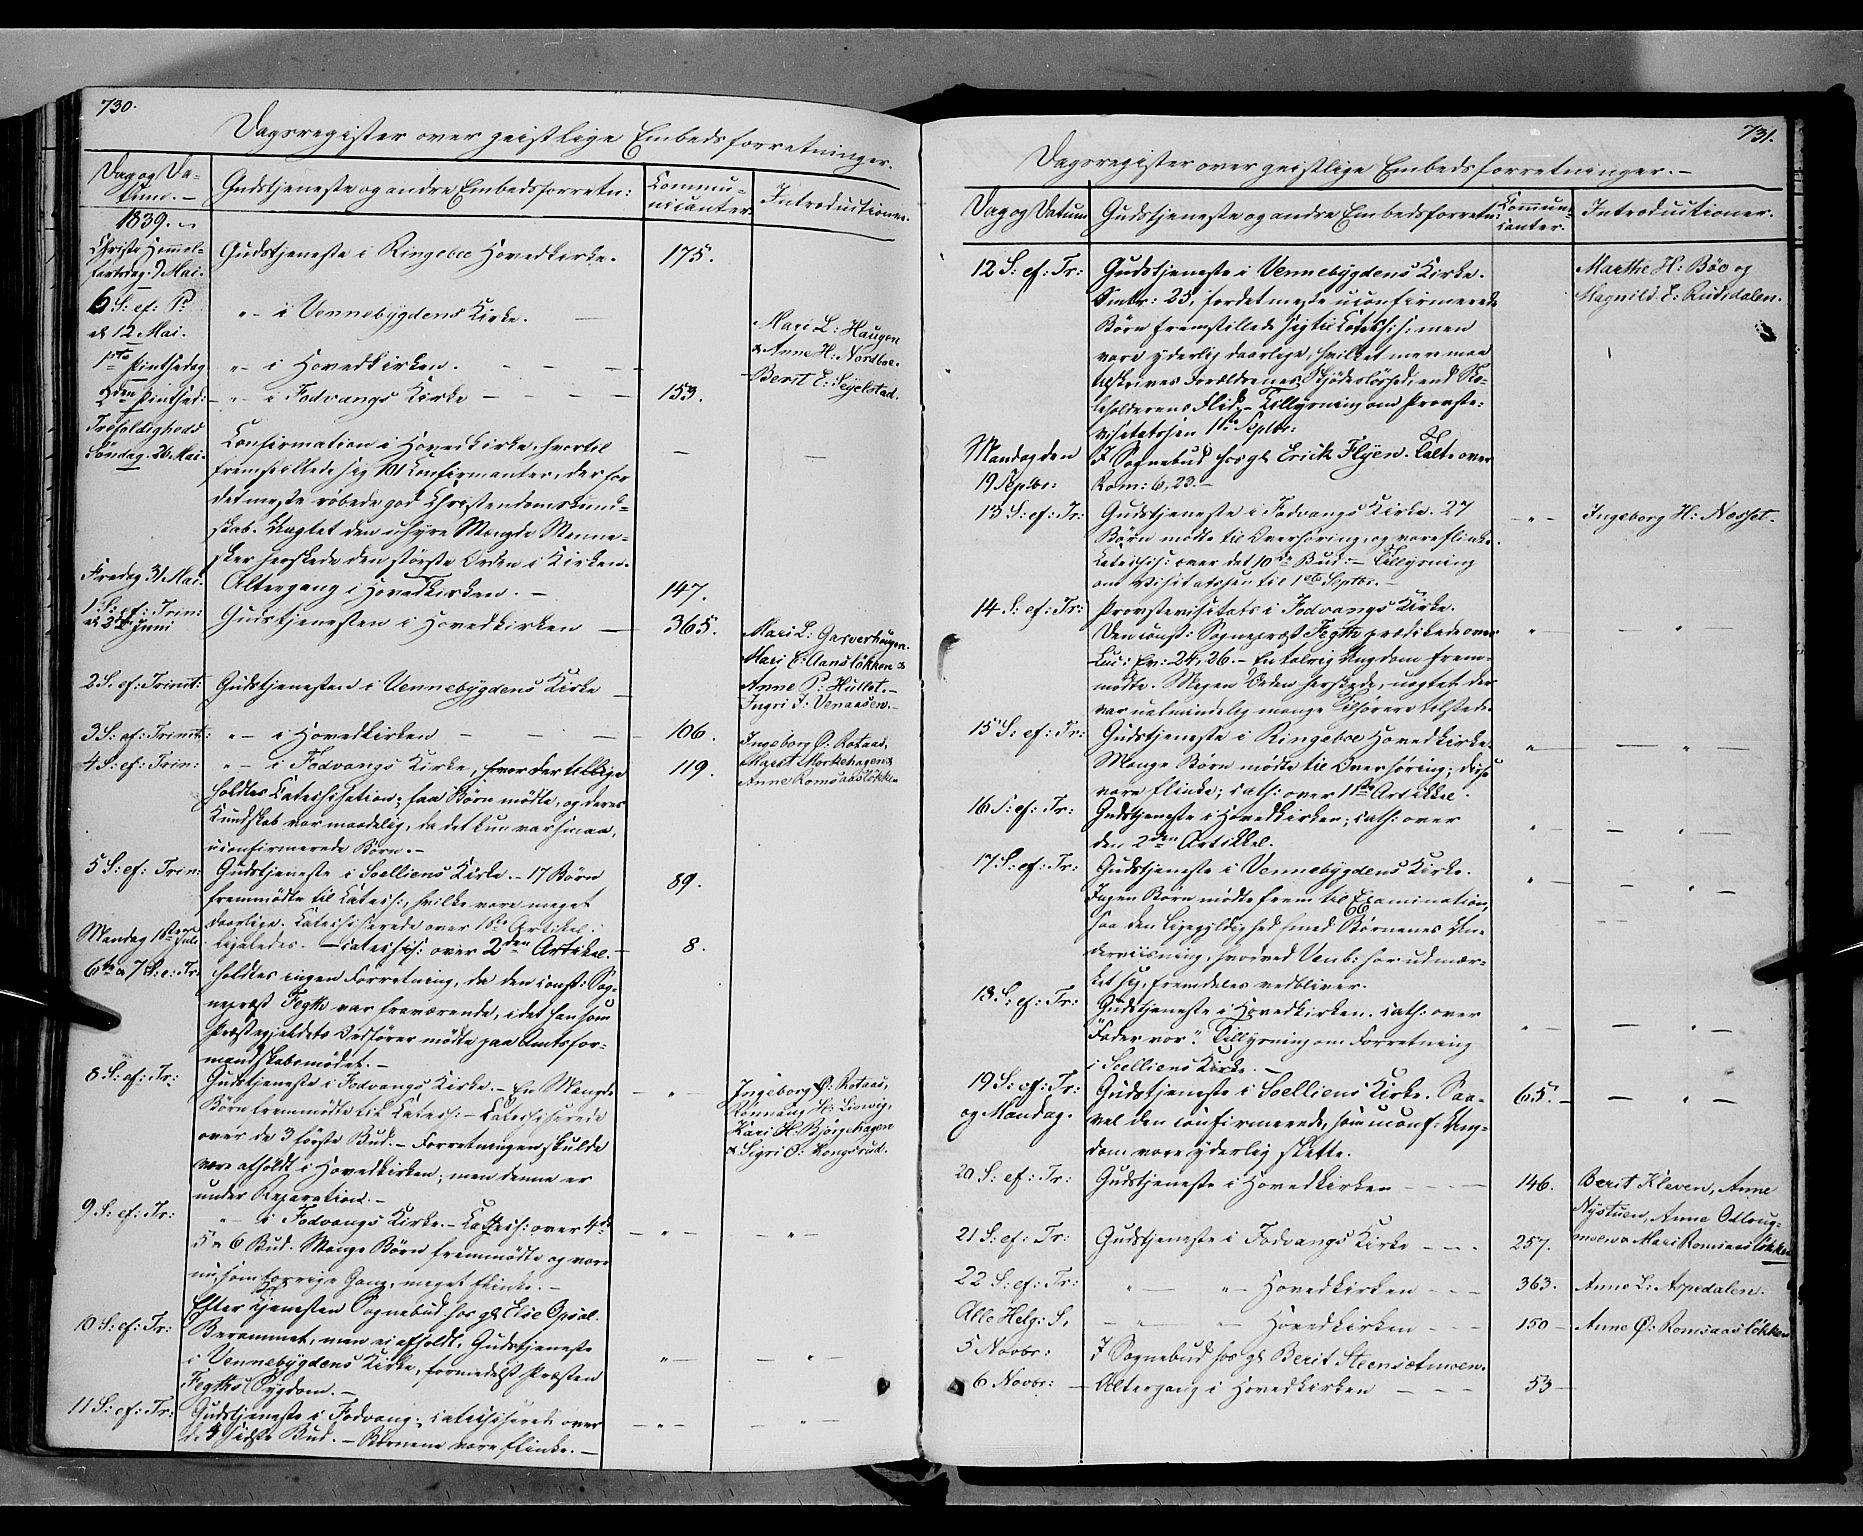 SAH, Ringebu prestekontor, Parish register (official) no. 5, 1839-1848, p. 730-731